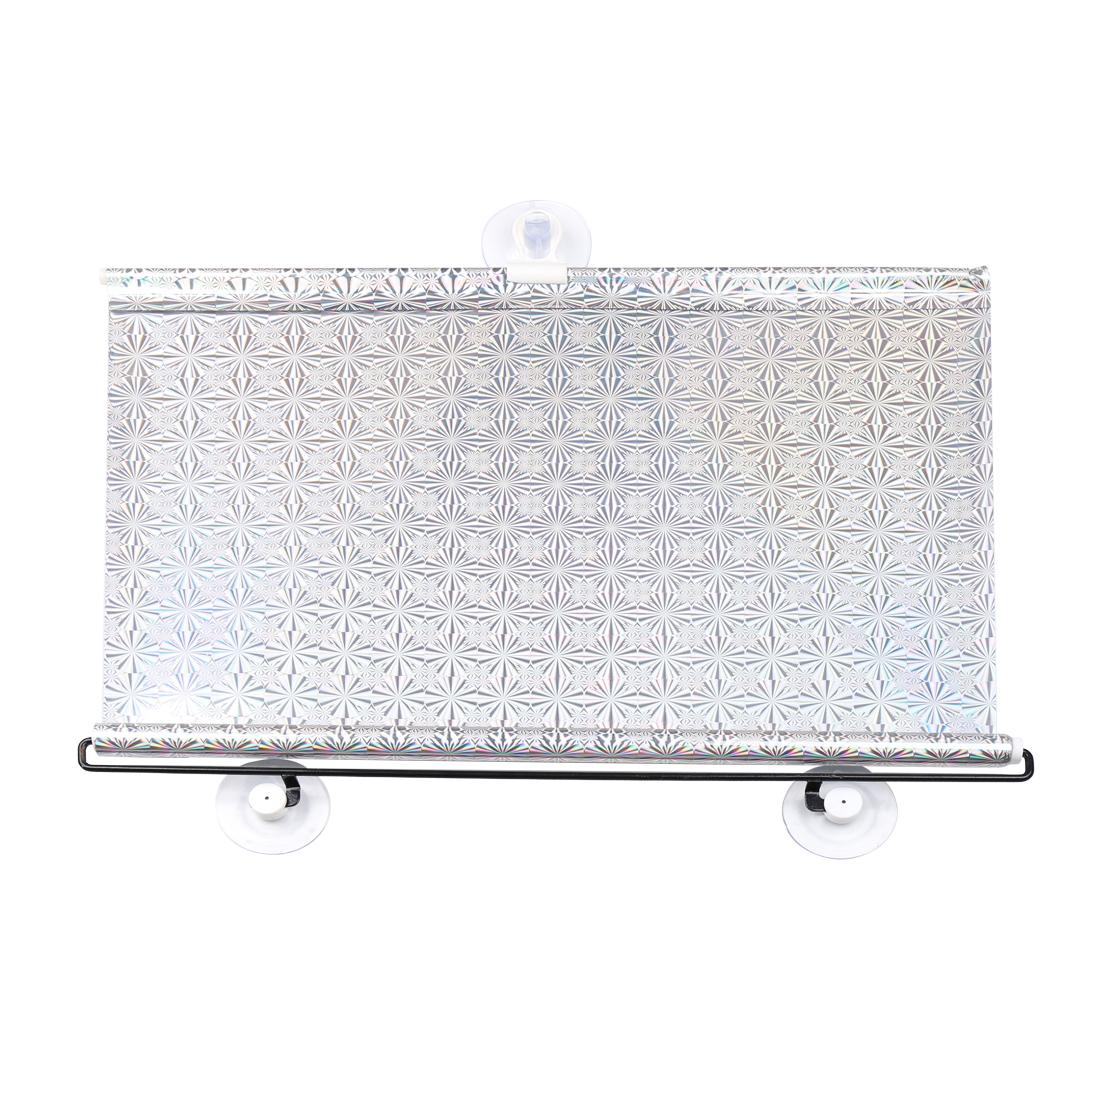 Vehicle Car Reflective Sunshield Sun Shade Protector Silver Tone 125cm x 45cm